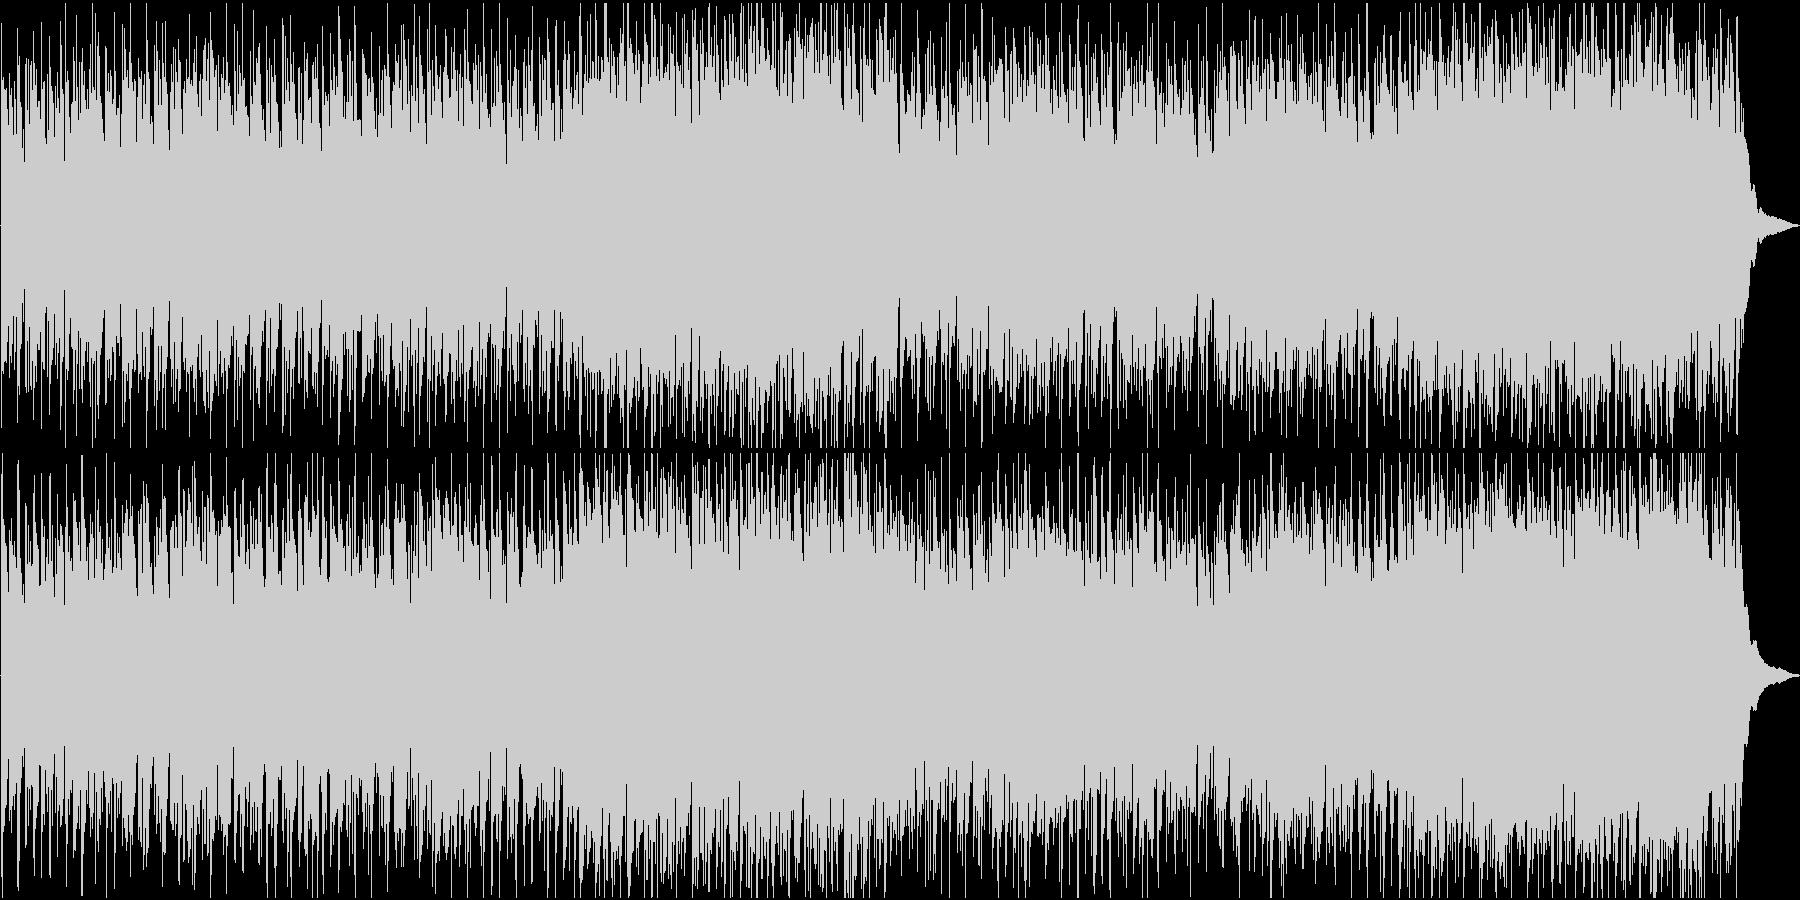 アンデスの迫力ある民族音楽系オリジナルの未再生の波形